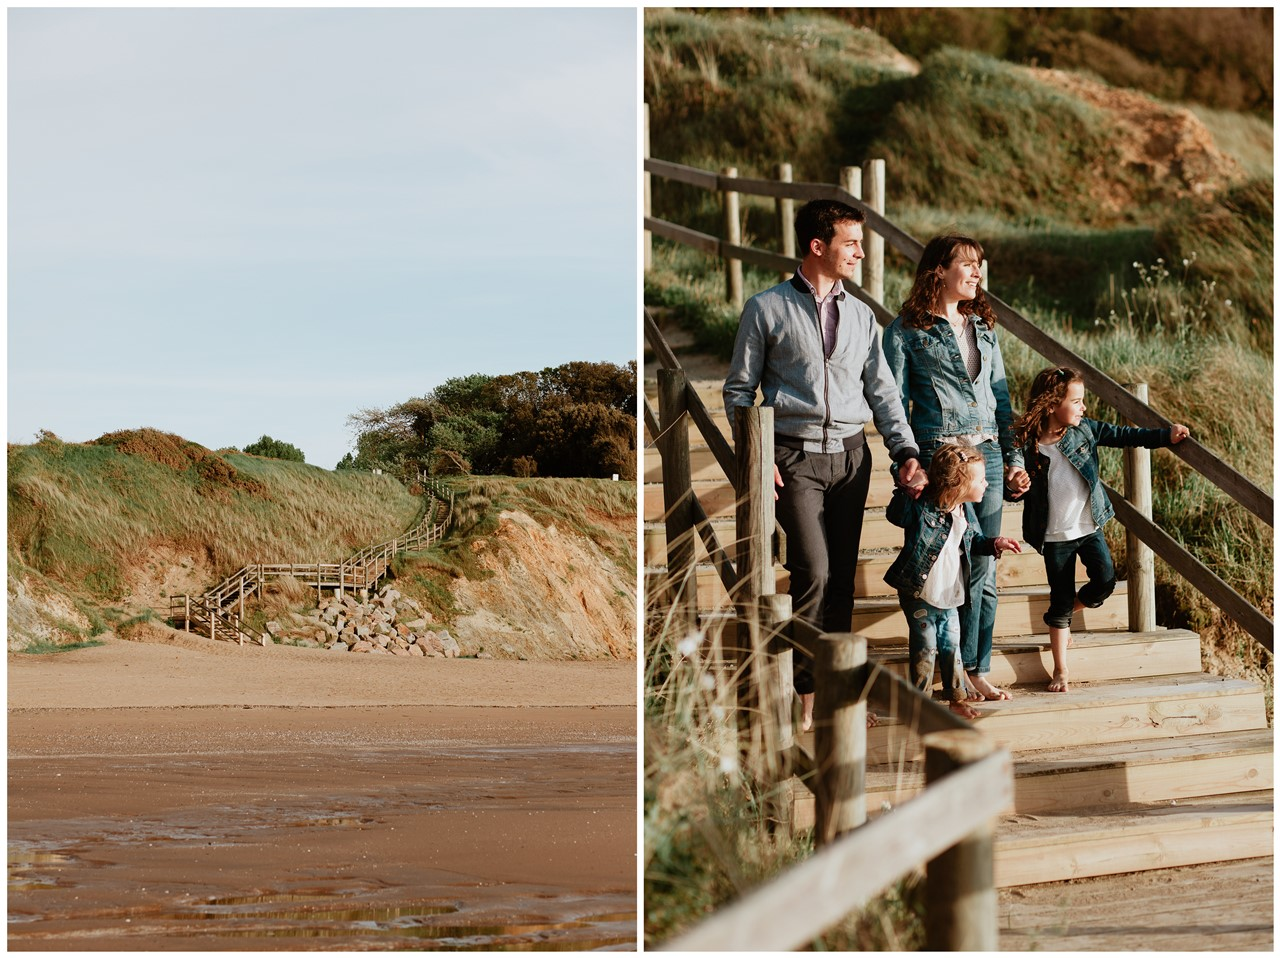 séance famille plage mer pornic portrait famille paysage